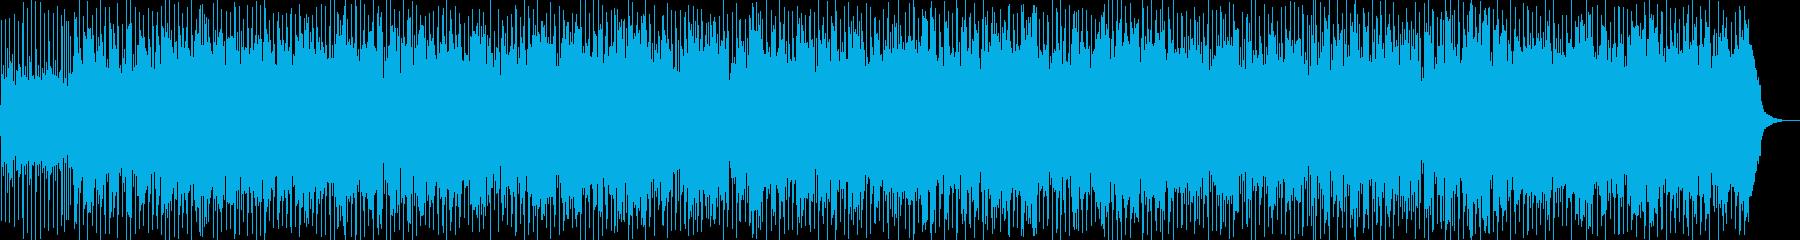 イベント等の退場曲に使えそうなスカビートの再生済みの波形